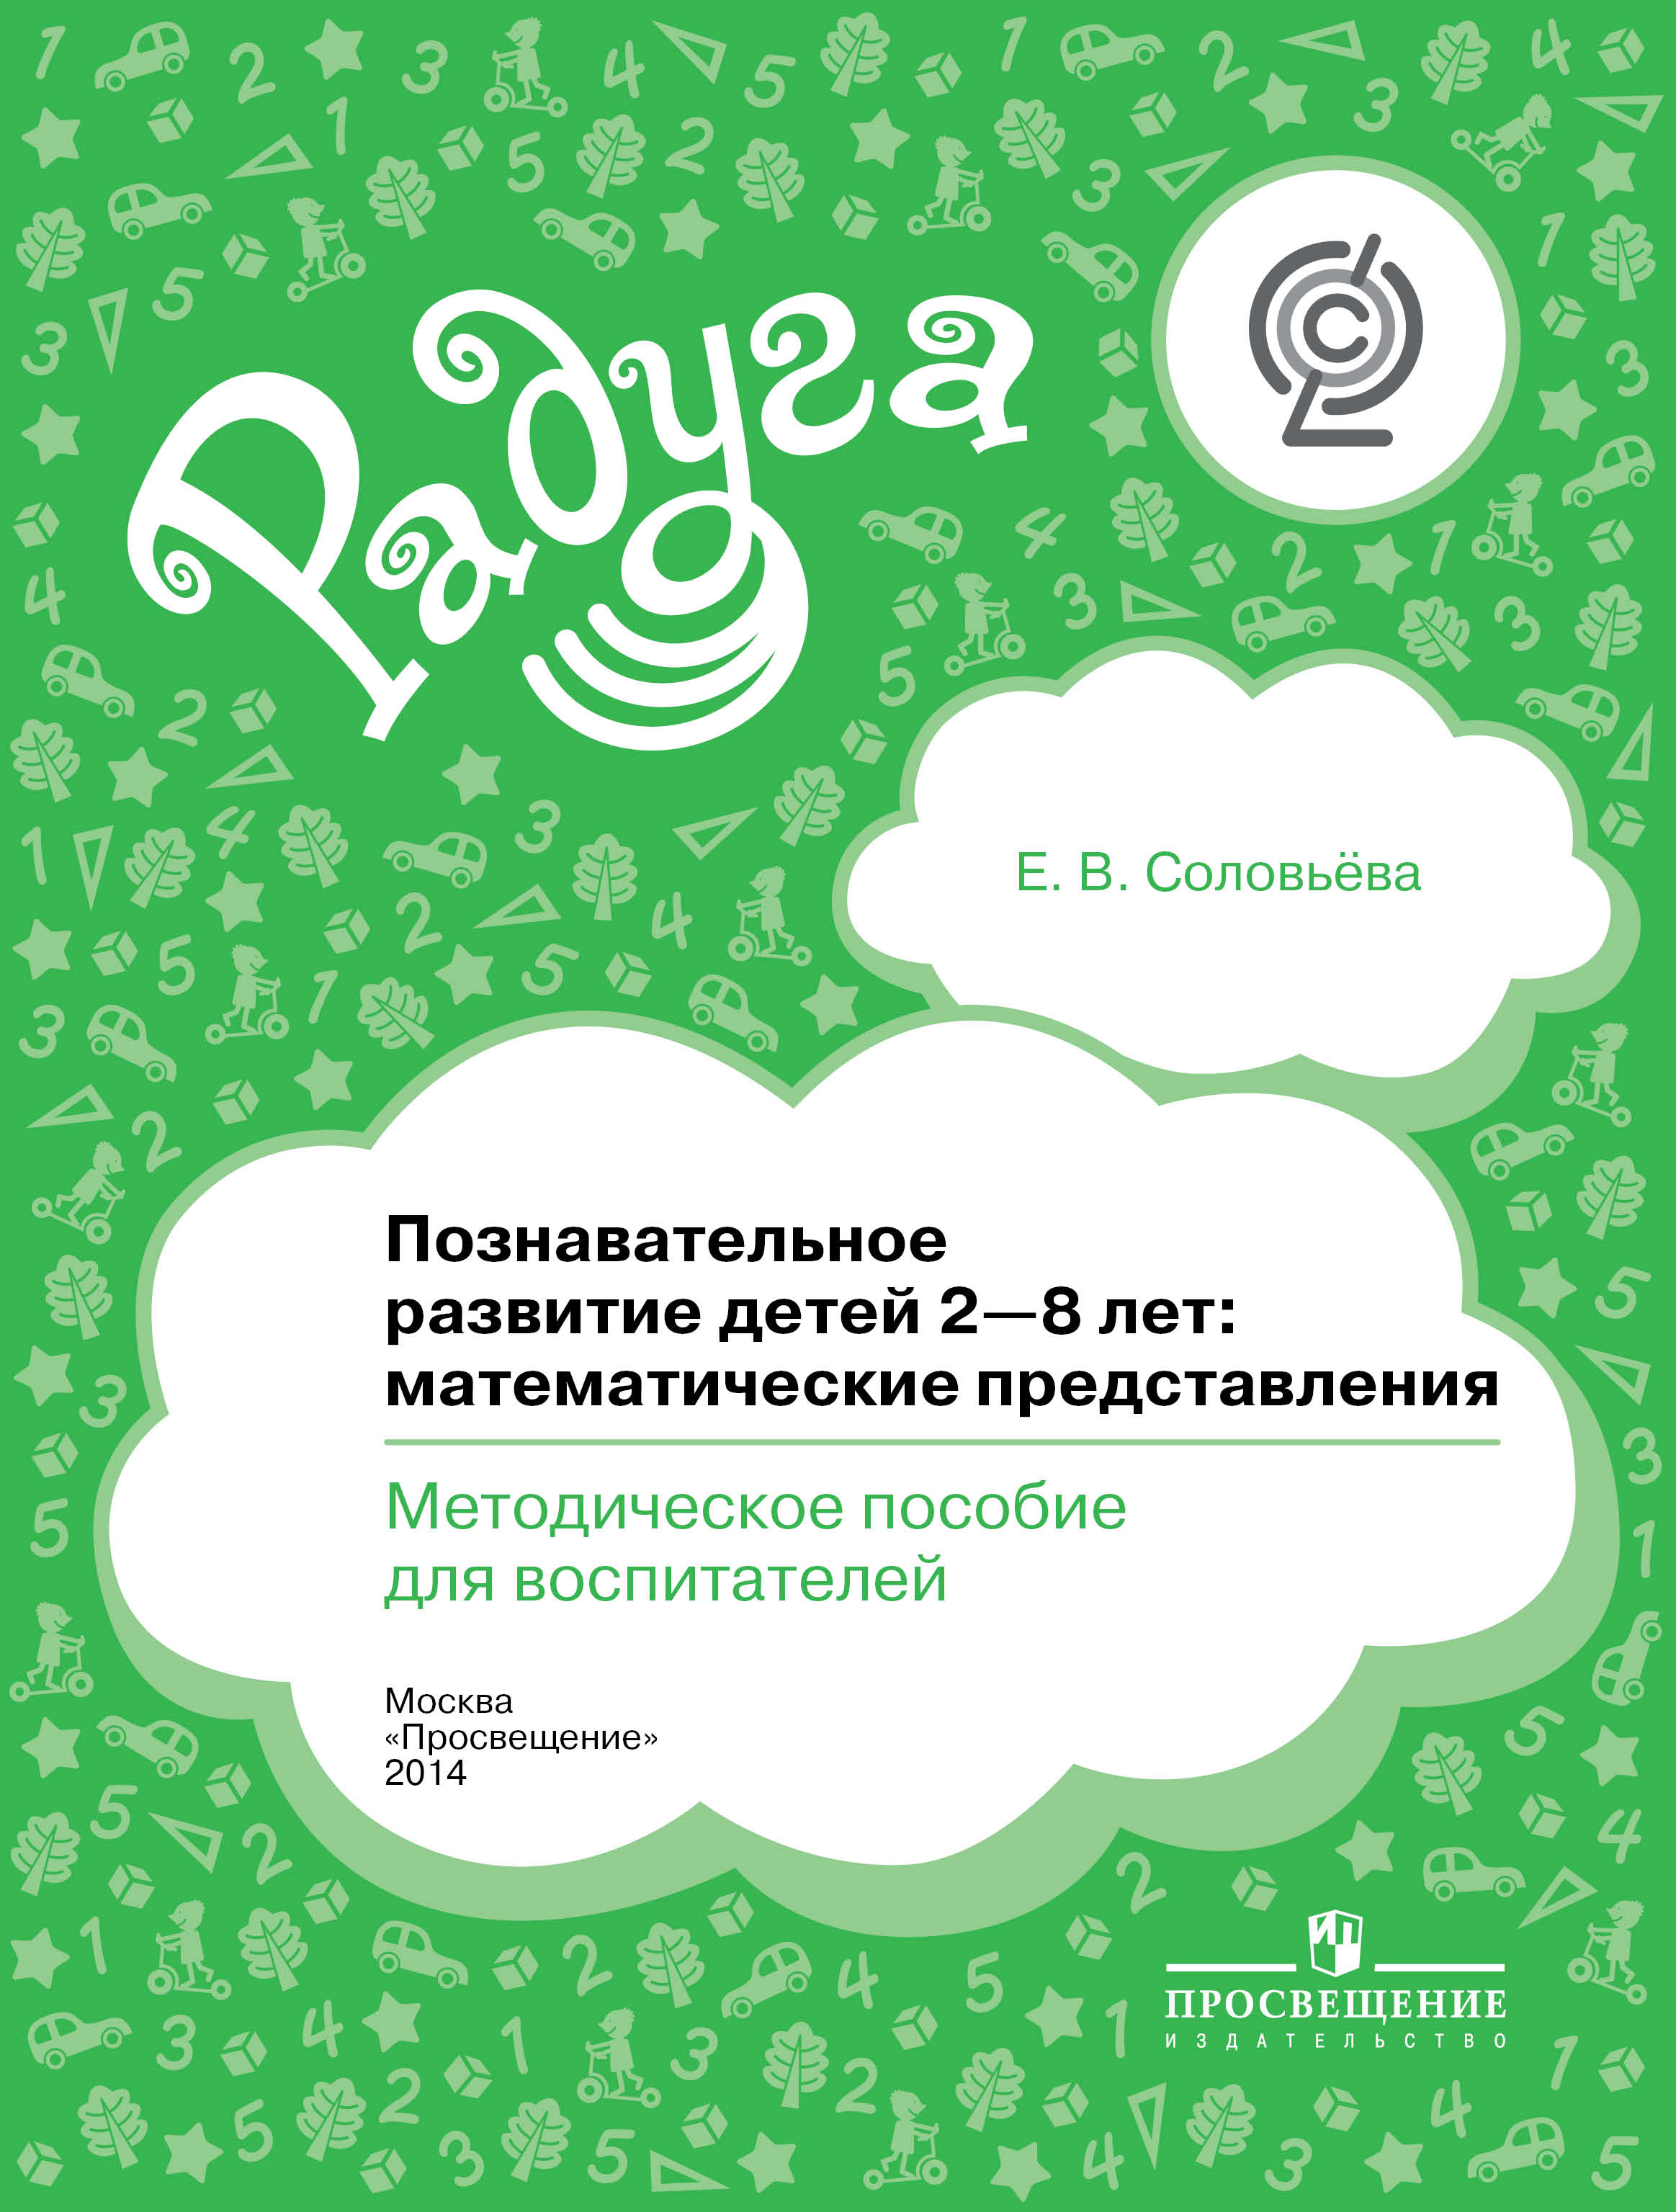 Познавательное развитие детей 2-8 лет: математические представления